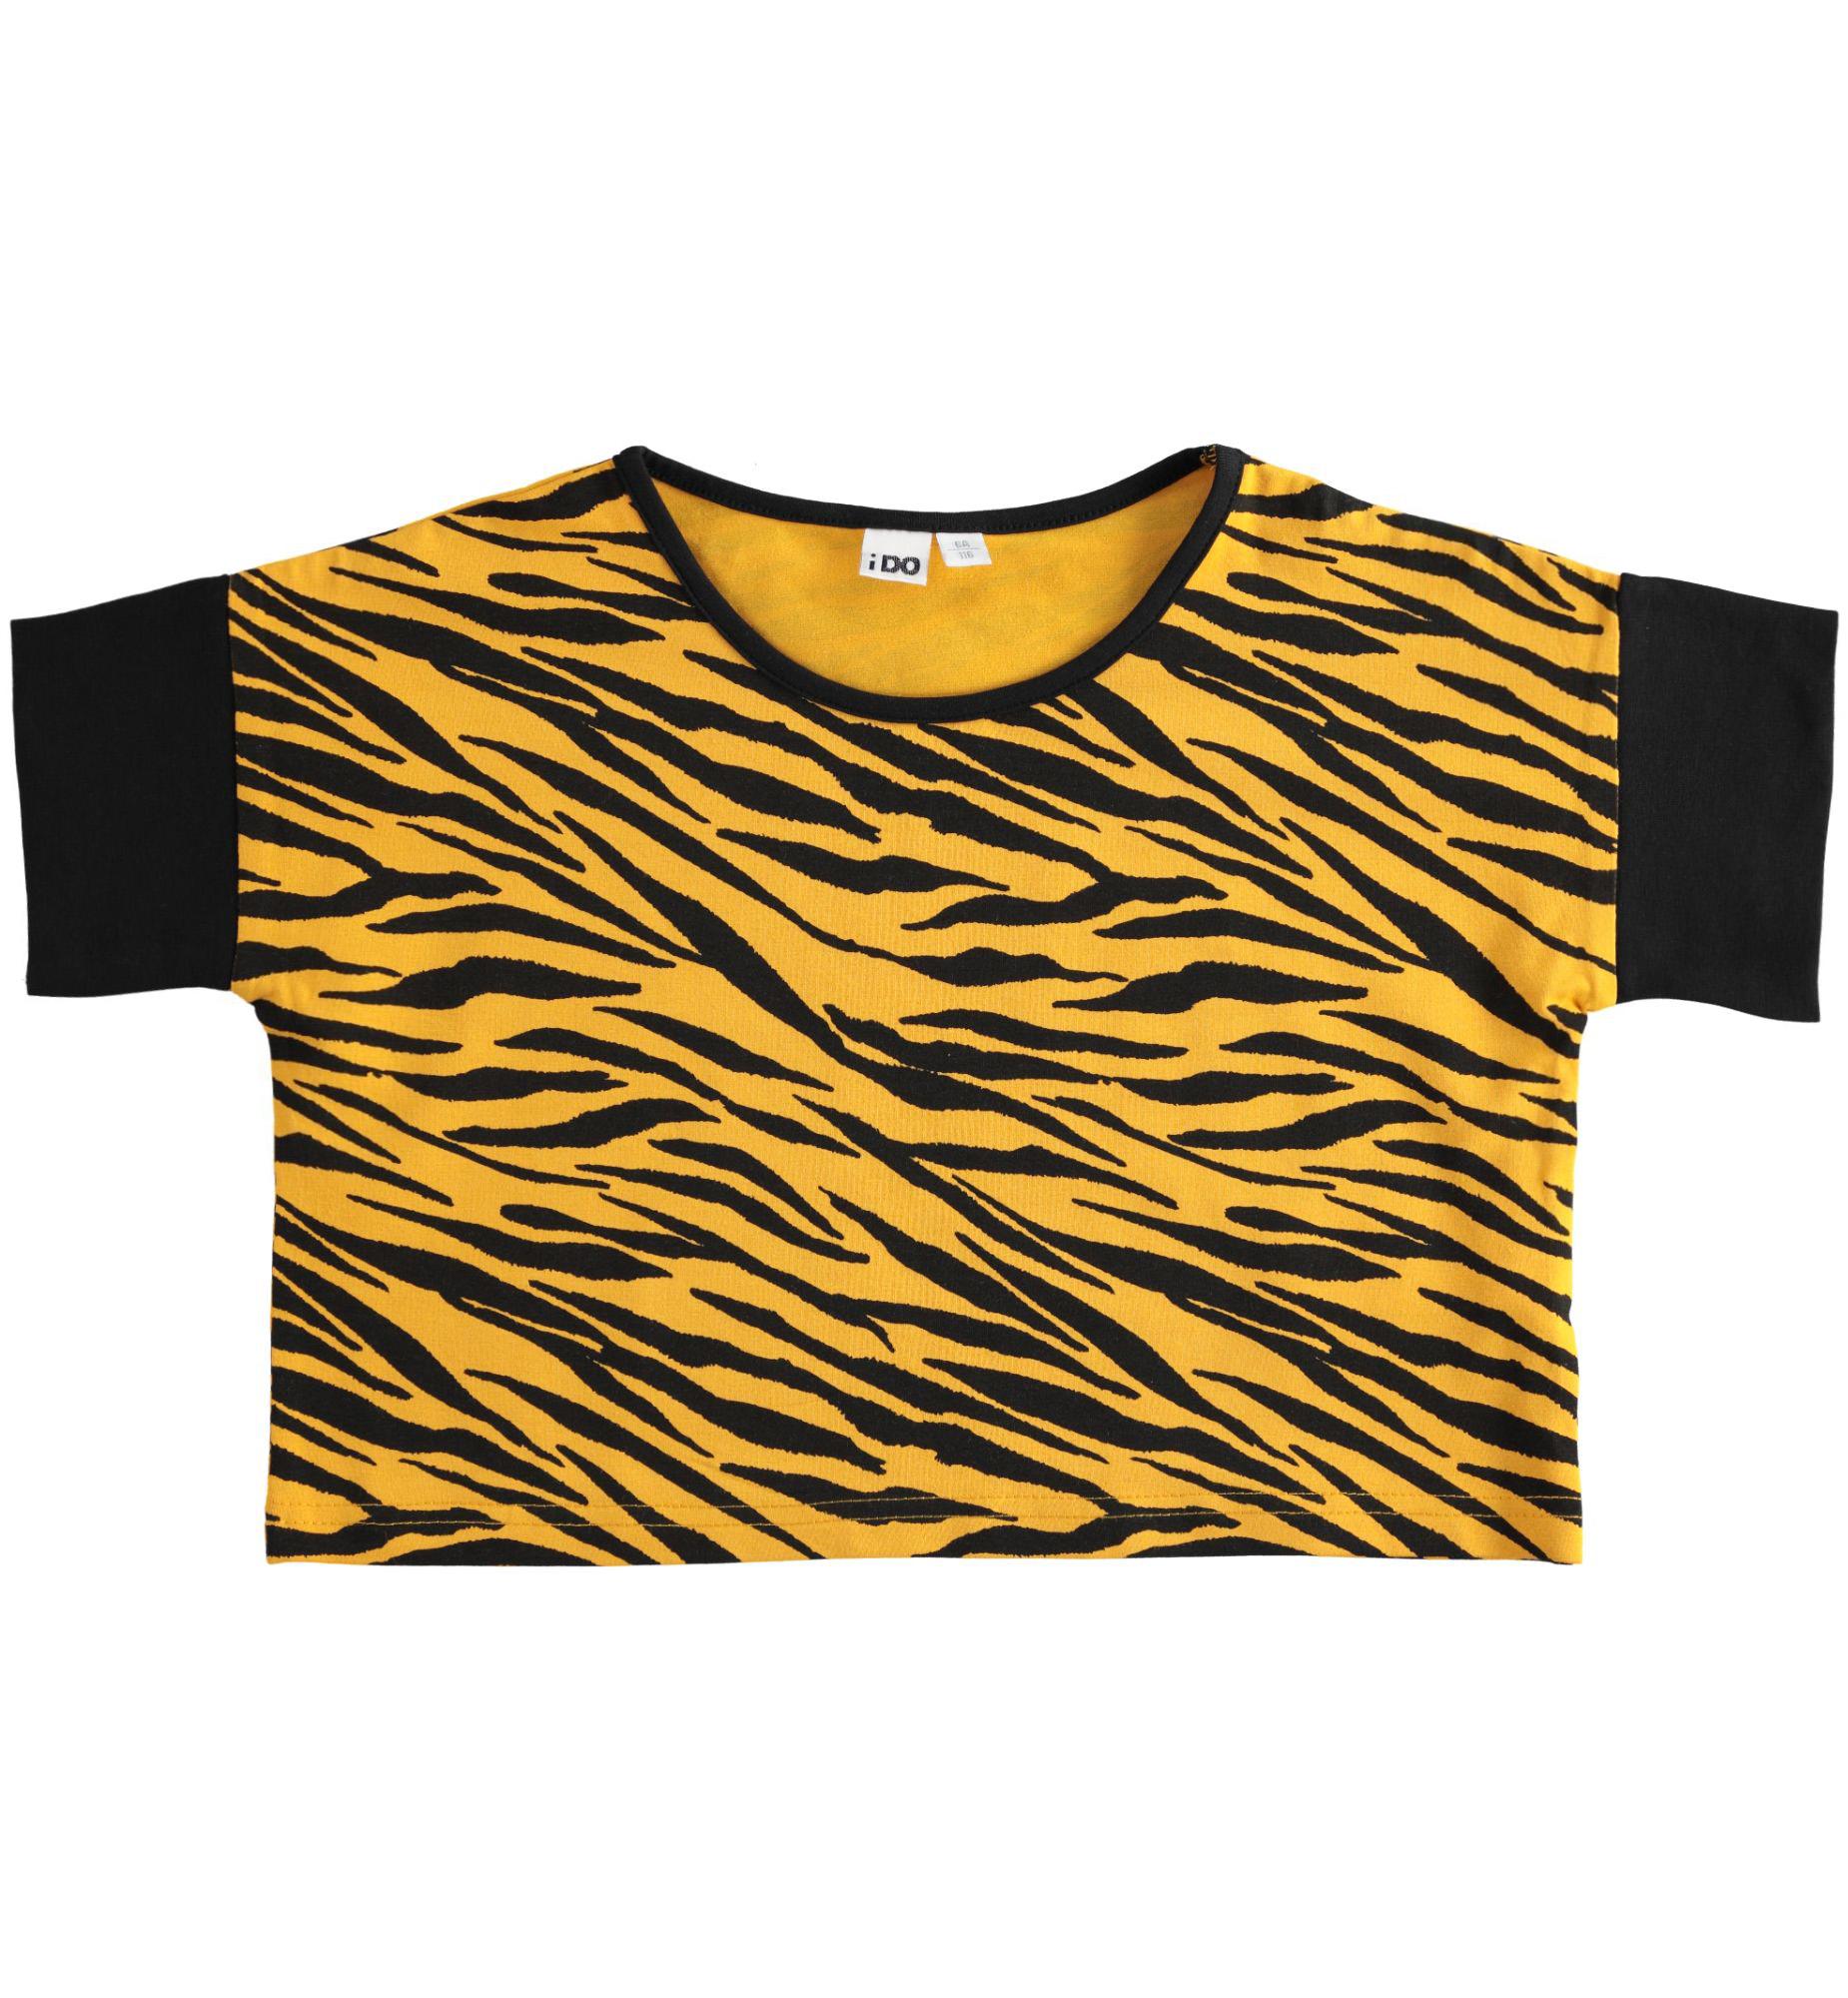 Tigrises crop póló lányoknak haspóló